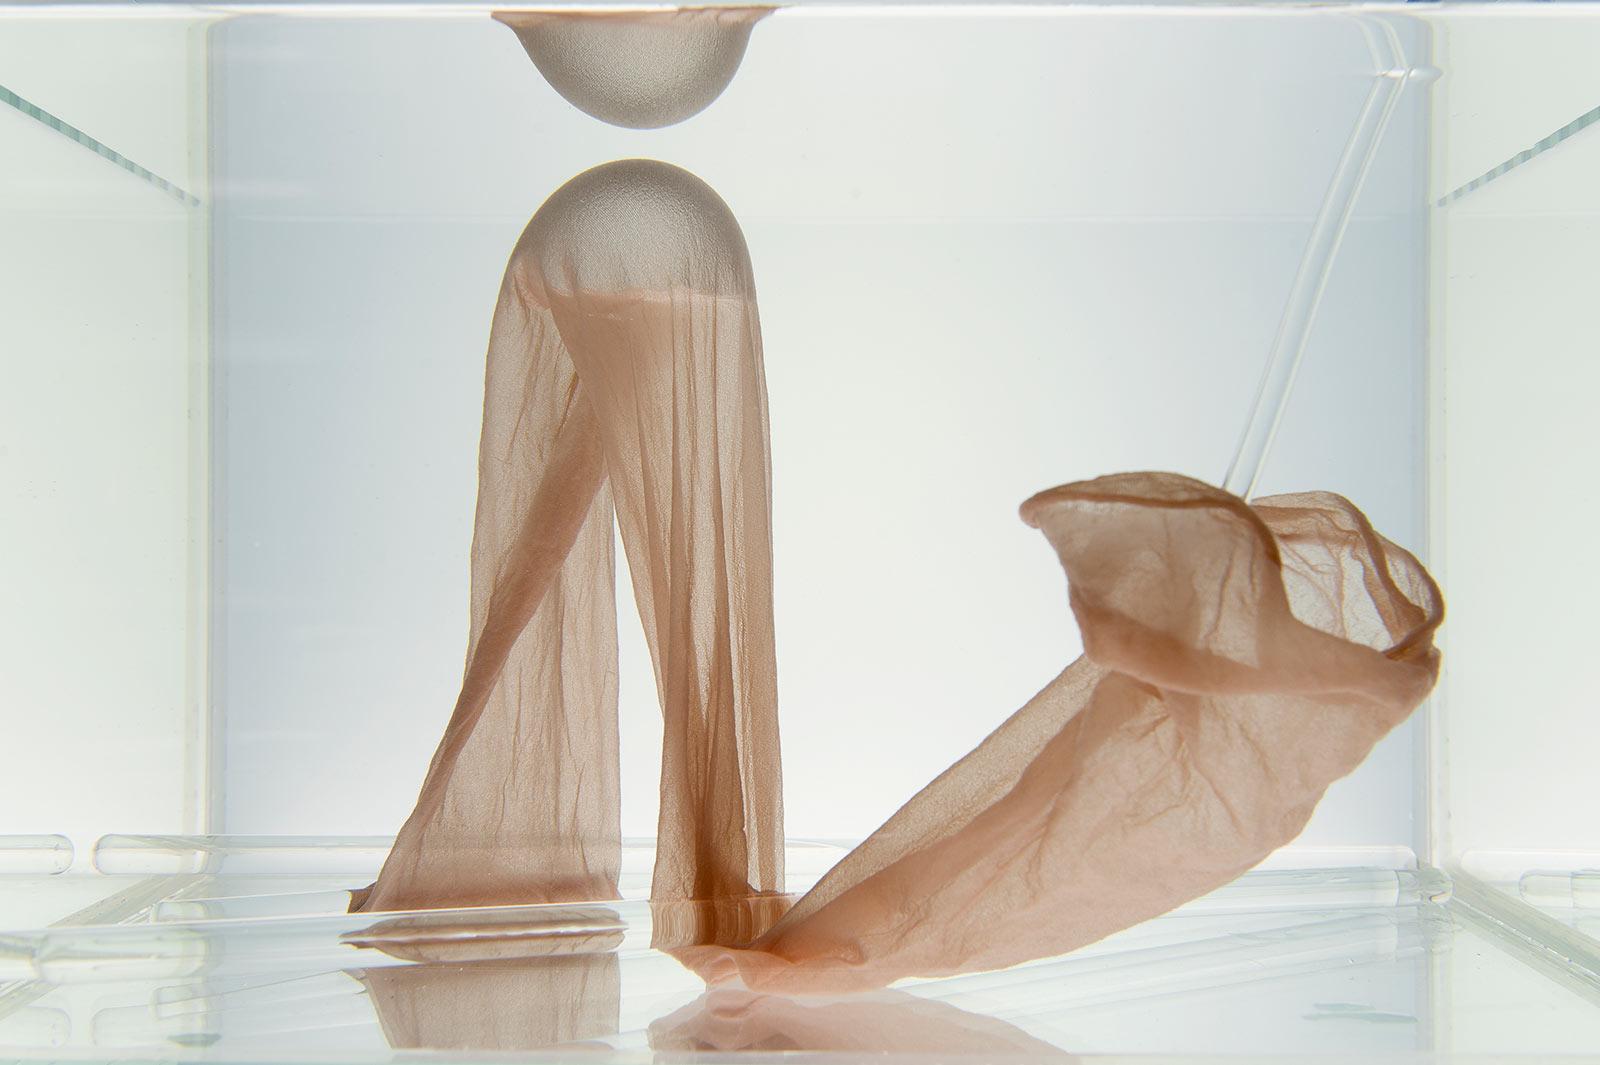 Strumpfhose in einem mit Wasser gefüllten Aquarium und einer eingeschlossenen Luftblase